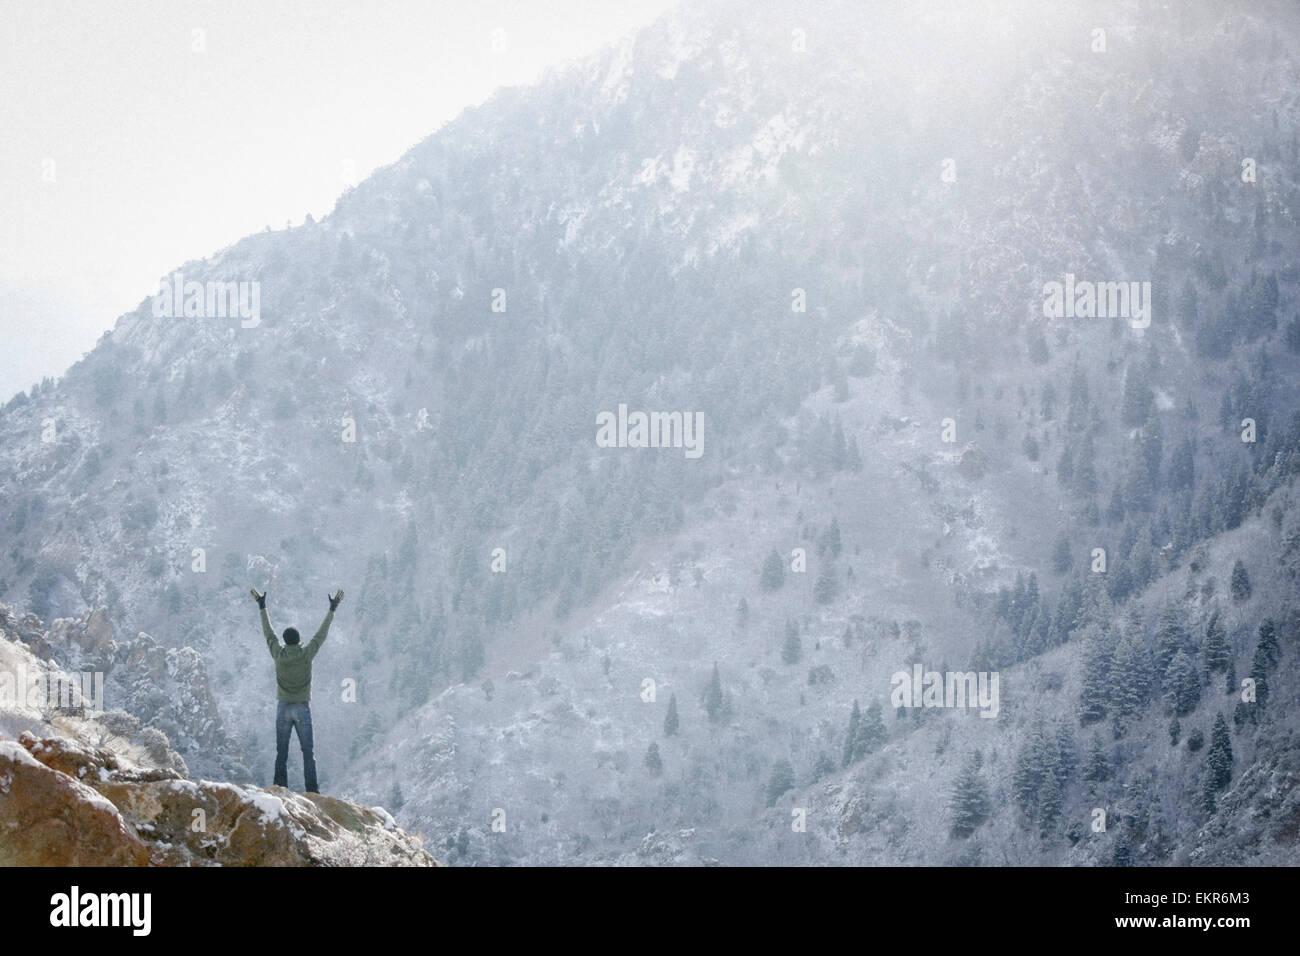 Un uomo salutare il sole, con le braccia sollevate su uno sperone di roccia in montagna. Immagini Stock